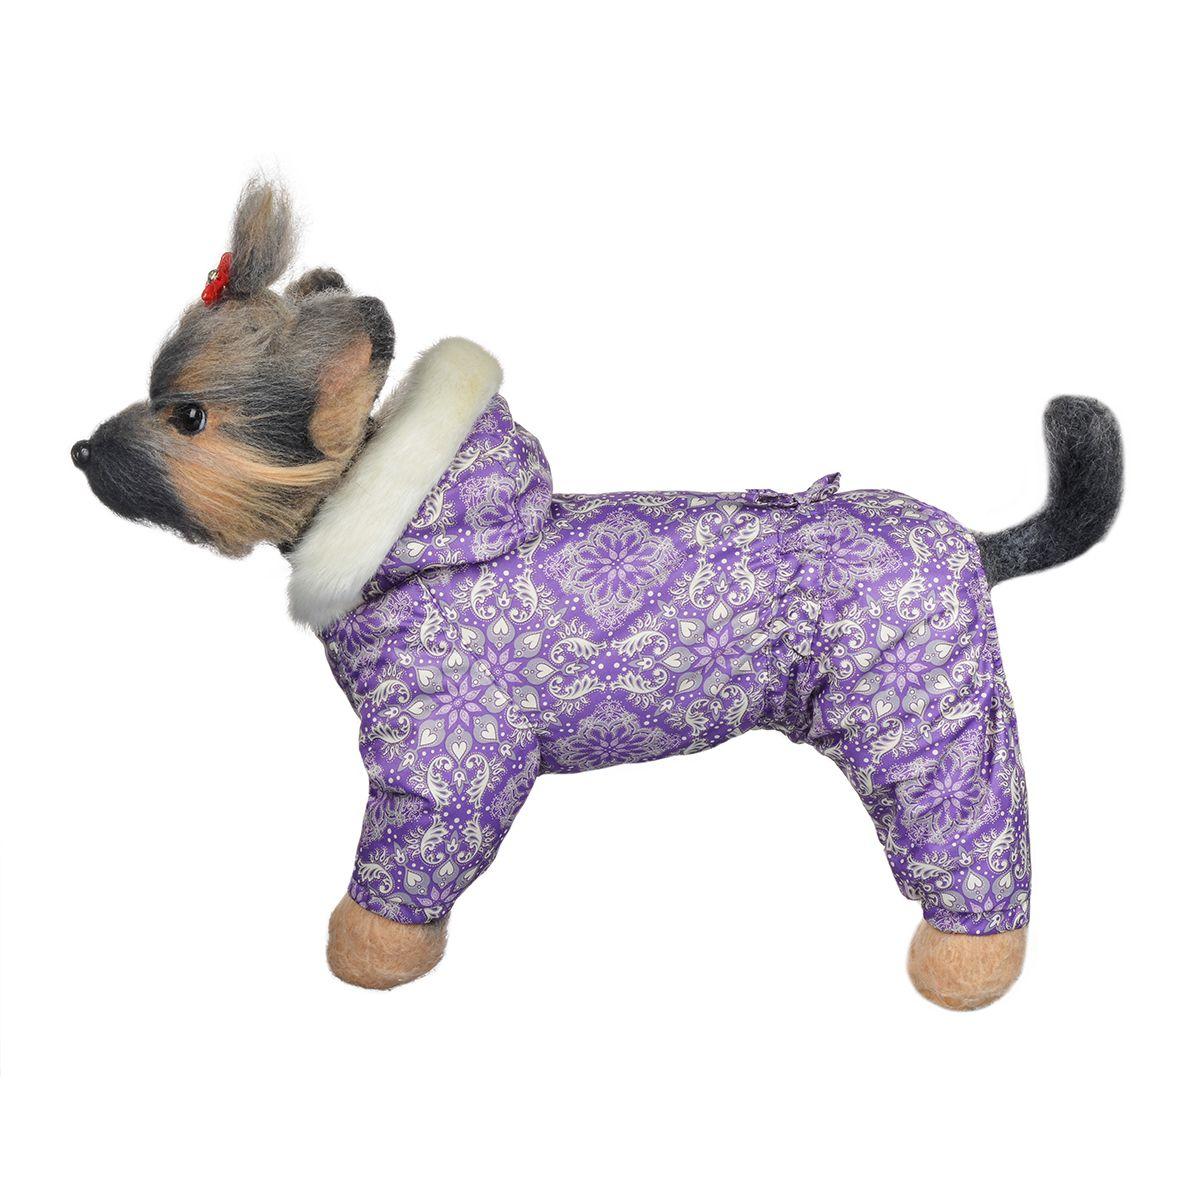 Комбинезон для собак Dogmoda Winter, зимний, для девочки, цвет: фиолетовый, белый, серый. Размер 1 (S)DM-150335-1Зимний комбинезон для собак Dogmoda Winter отлично подойдет для прогулок в зимнее время года. Комбинезон изготовлен из полиэстера, защищающего от ветра и снега, с утеплителем из синтепона, который сохранит тепло даже в сильные морозы, а на подкладке используется искусственный мех, который обеспечивает отличный воздухообмен. Комбинезон с капюшоном застегивается на кнопки, благодаря чему его легко надевать и снимать. Капюшон украшен искусственным мехом и не отстегивается. Низ рукавов и брючин оснащен внутренними резинками, которые мягко обхватывают лапки, не позволяя просачиваться холодному воздуху. На пояснице комбинезон затягивается на шнурок-кулиску. Благодаря такому комбинезону простуда не грозит вашему питомцу.